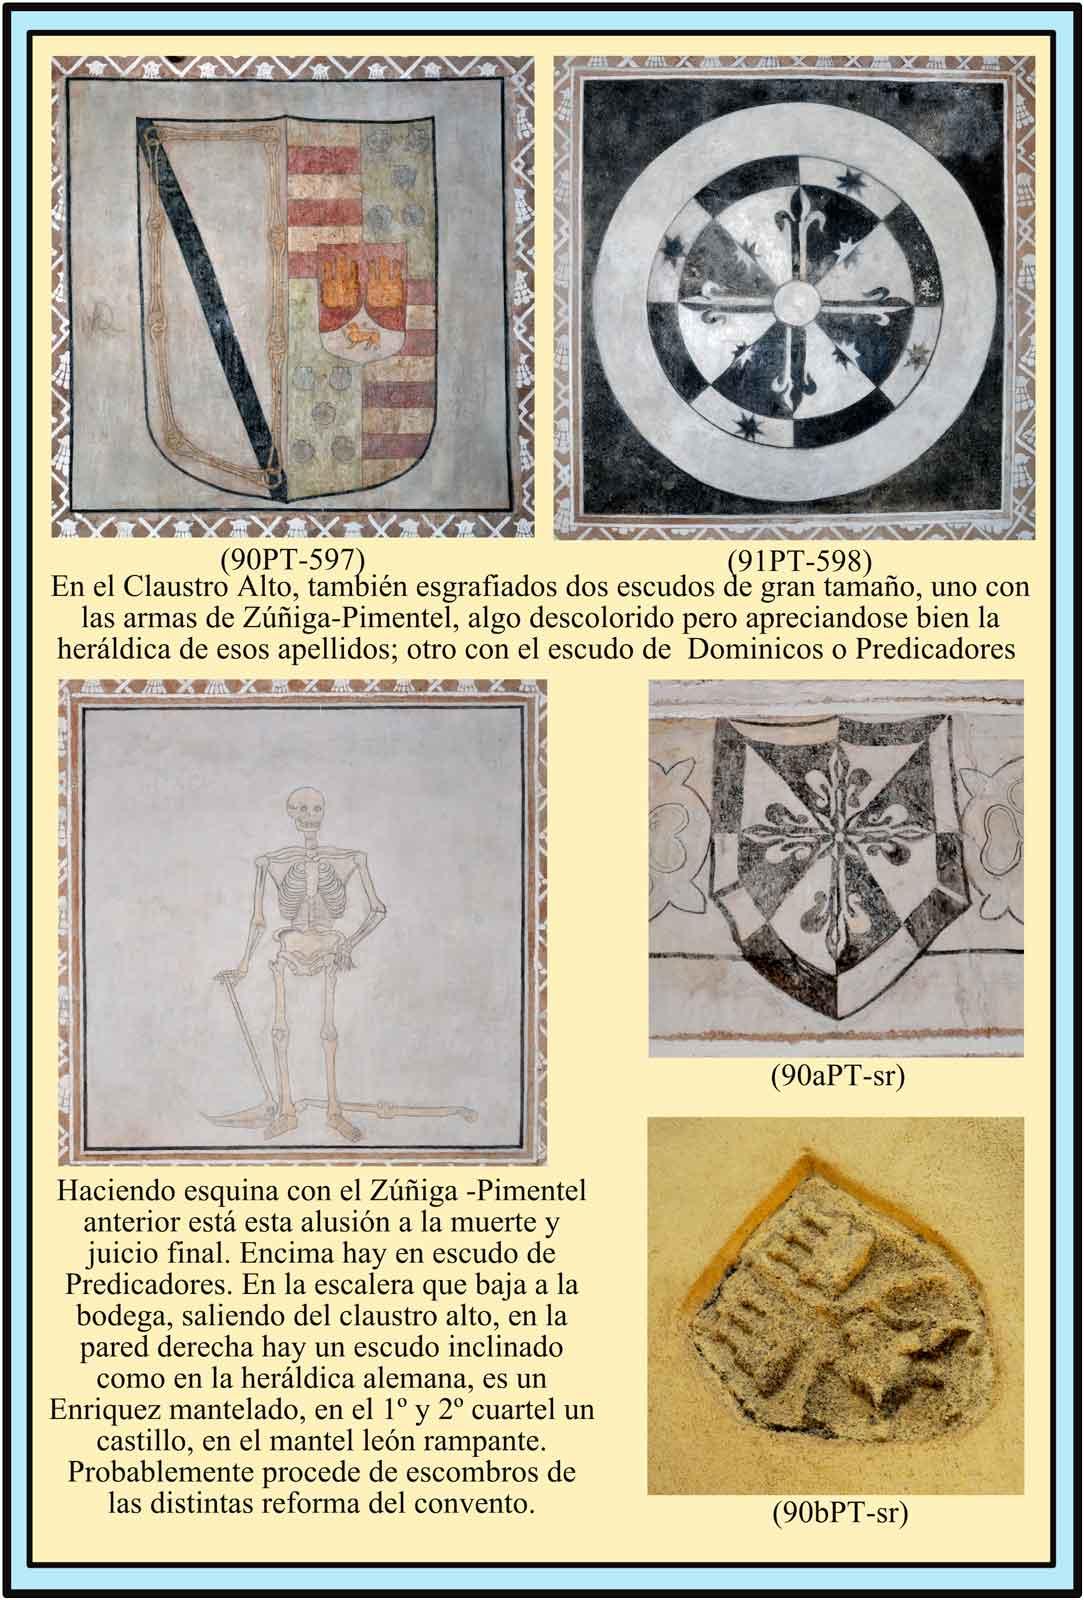 Escudos en el Claustro Alto Pimentel Predicadores Enriquez